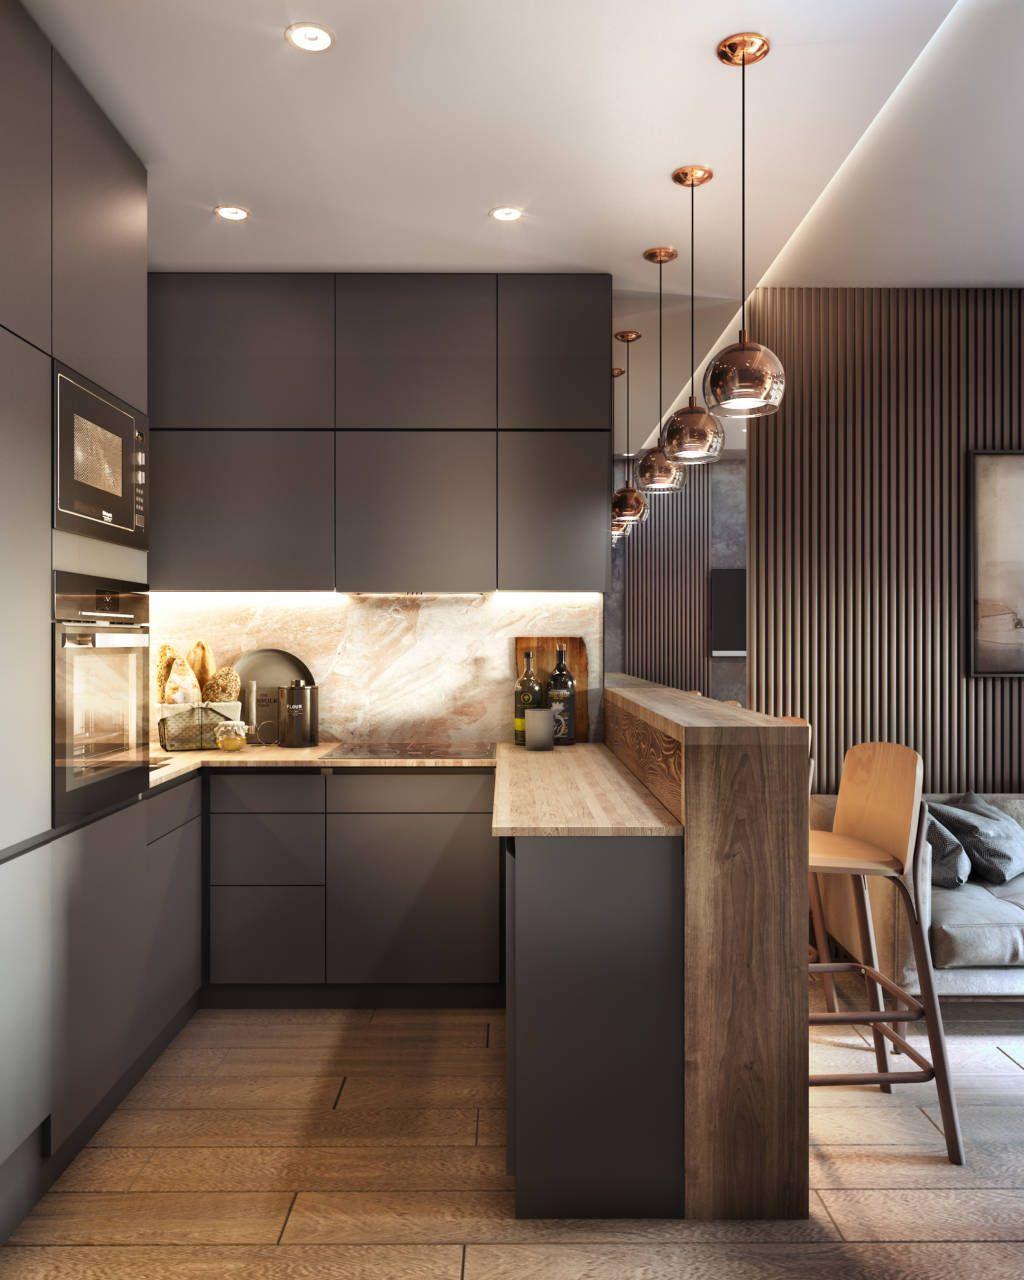 Дизайн кухни интерьер